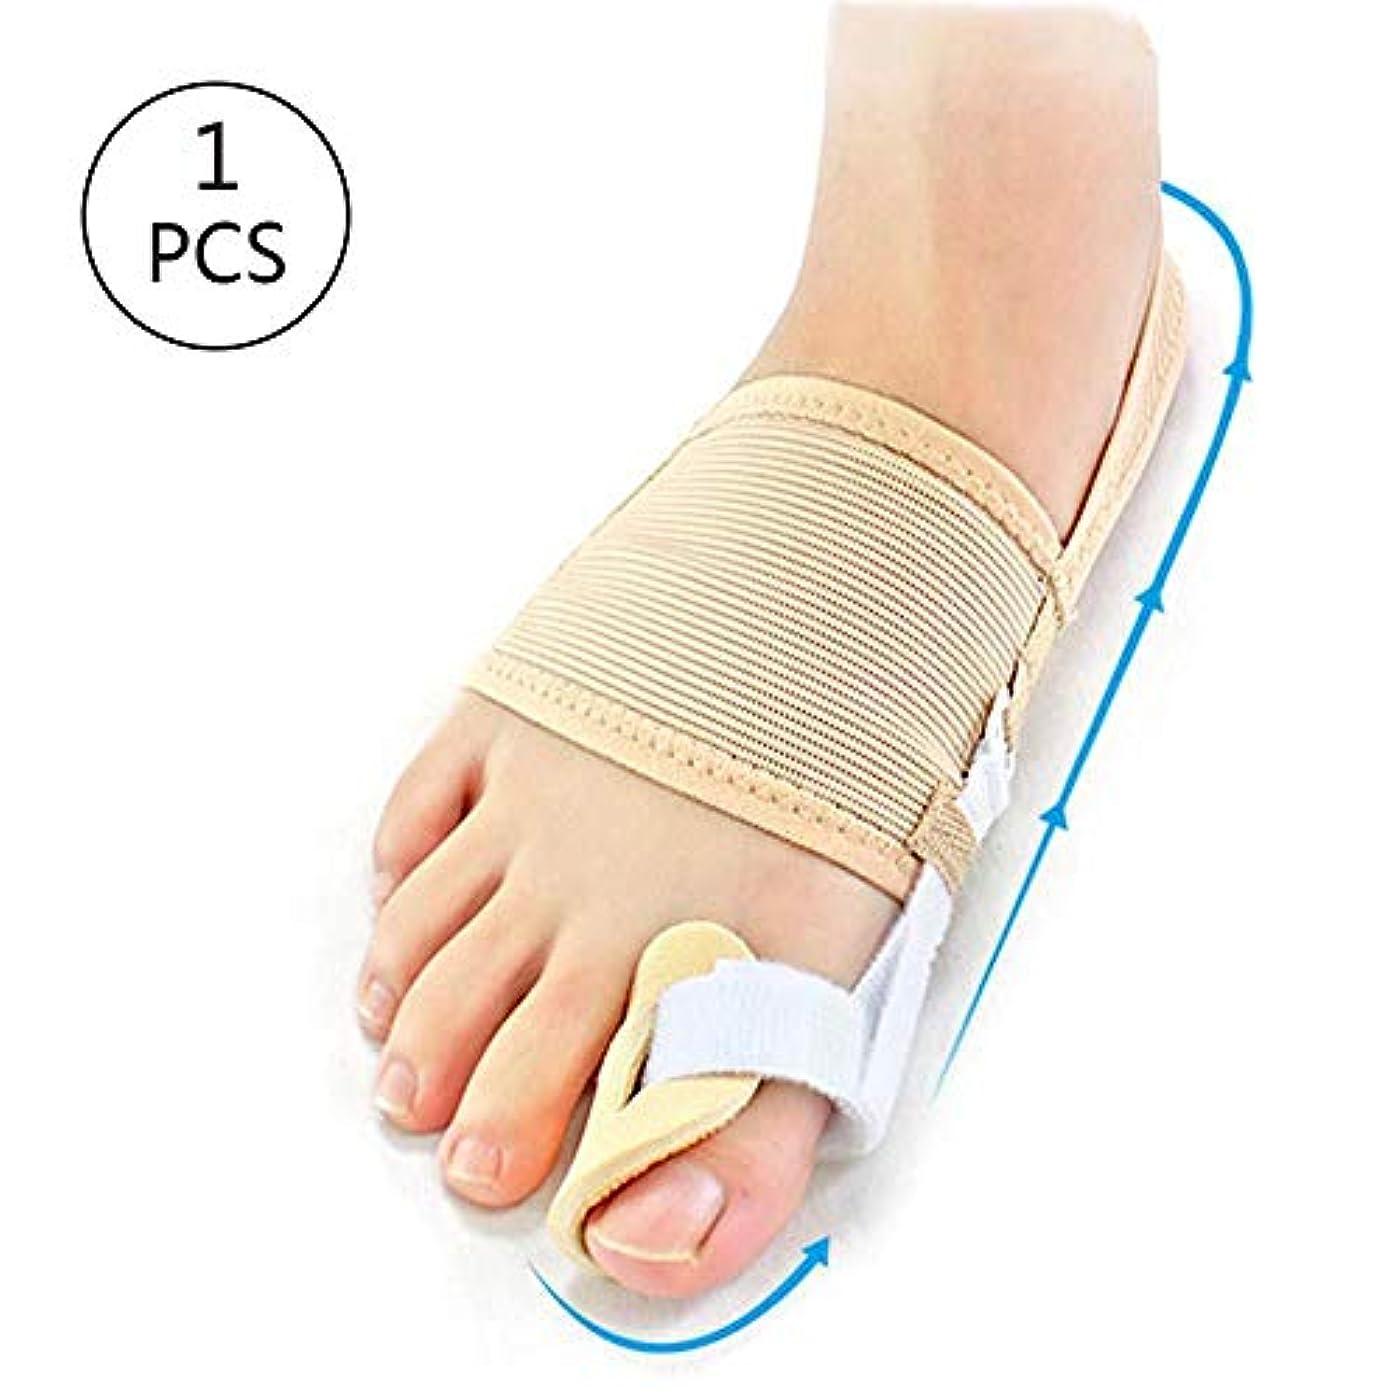 人類セーター第外反母tho、外反母、ナイトスプリント、足の親指、矯正、矯正、足指、整形外科、痛みの緩和とサポート(1)ユニバーサル